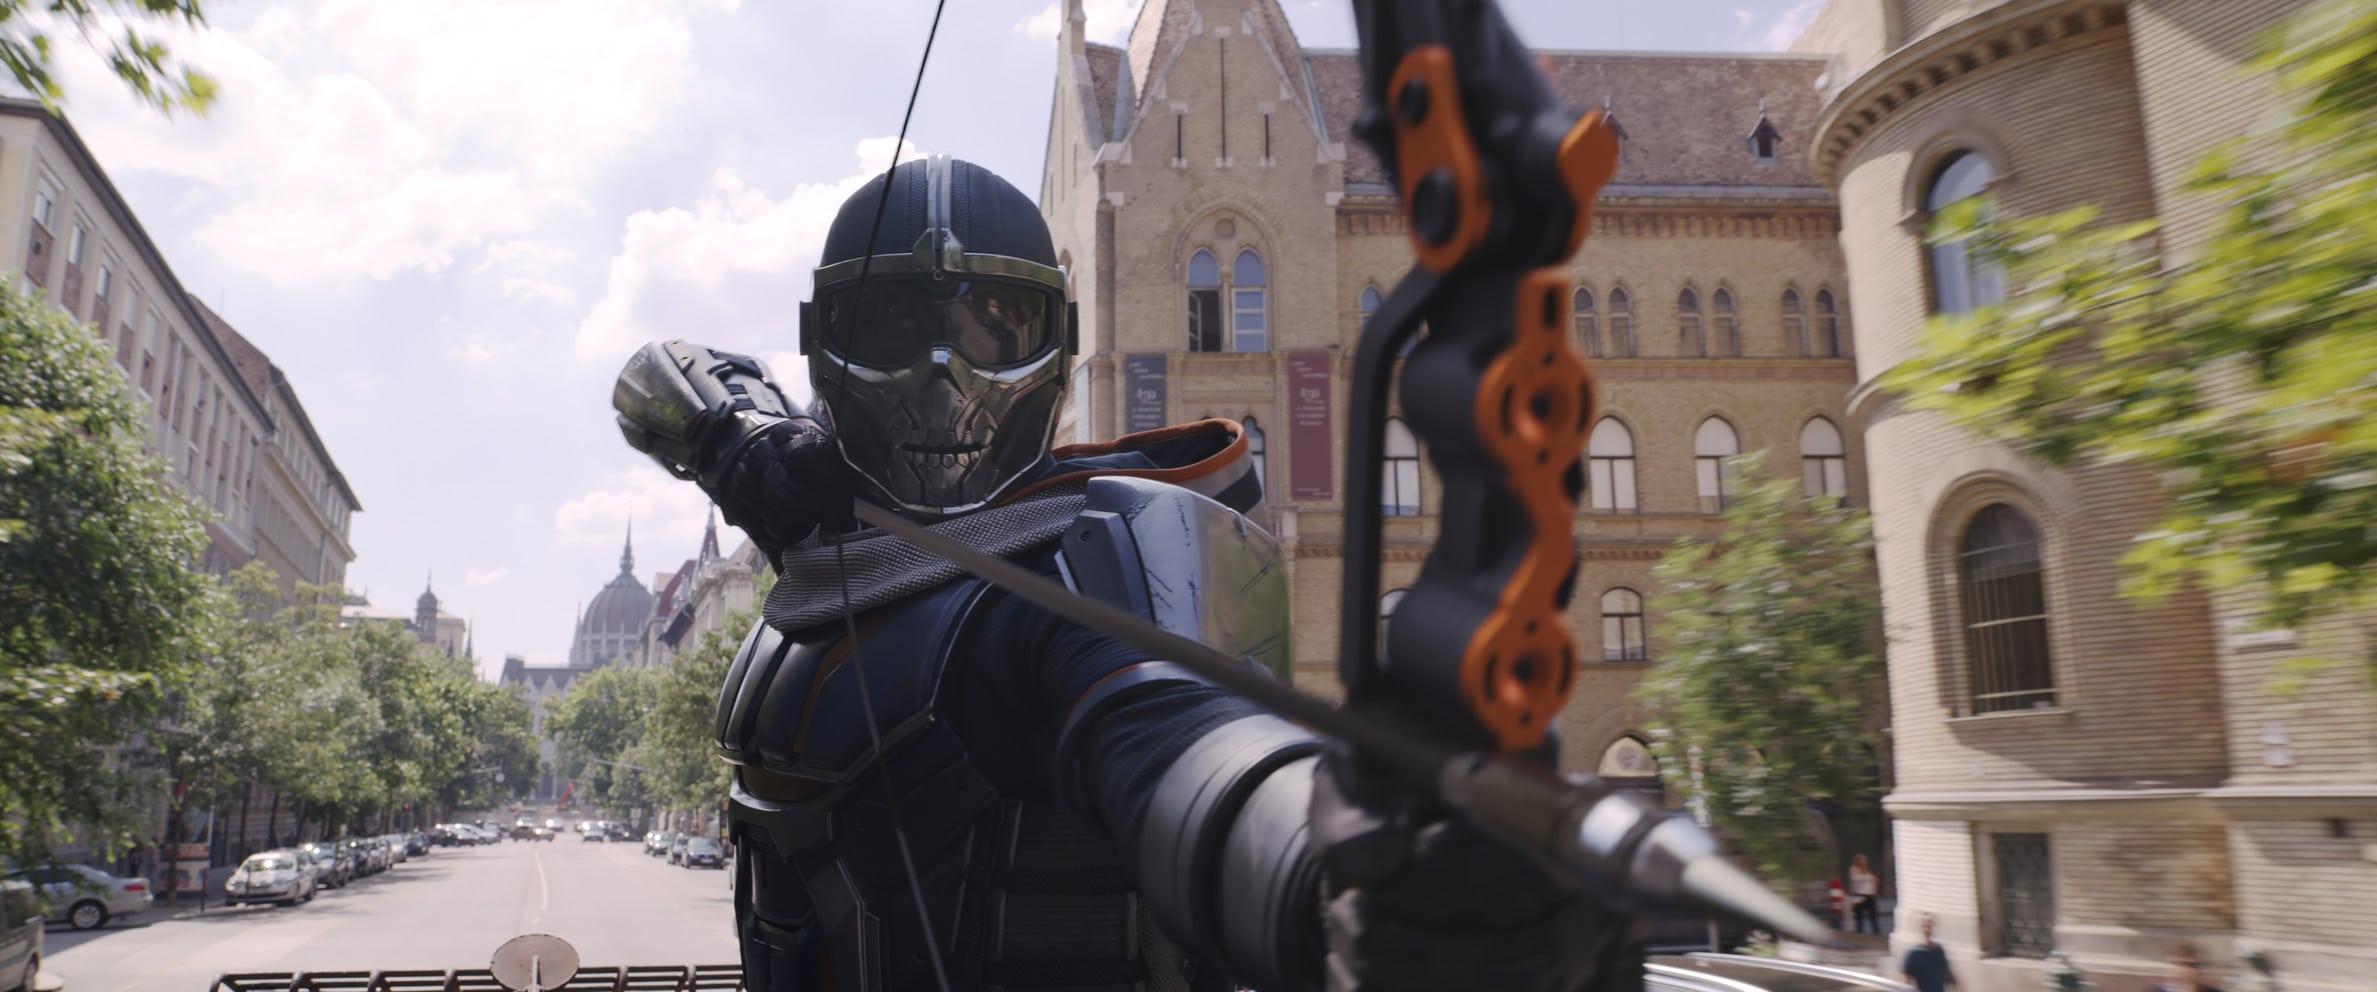 Taskmaster, il villain di Black Widow